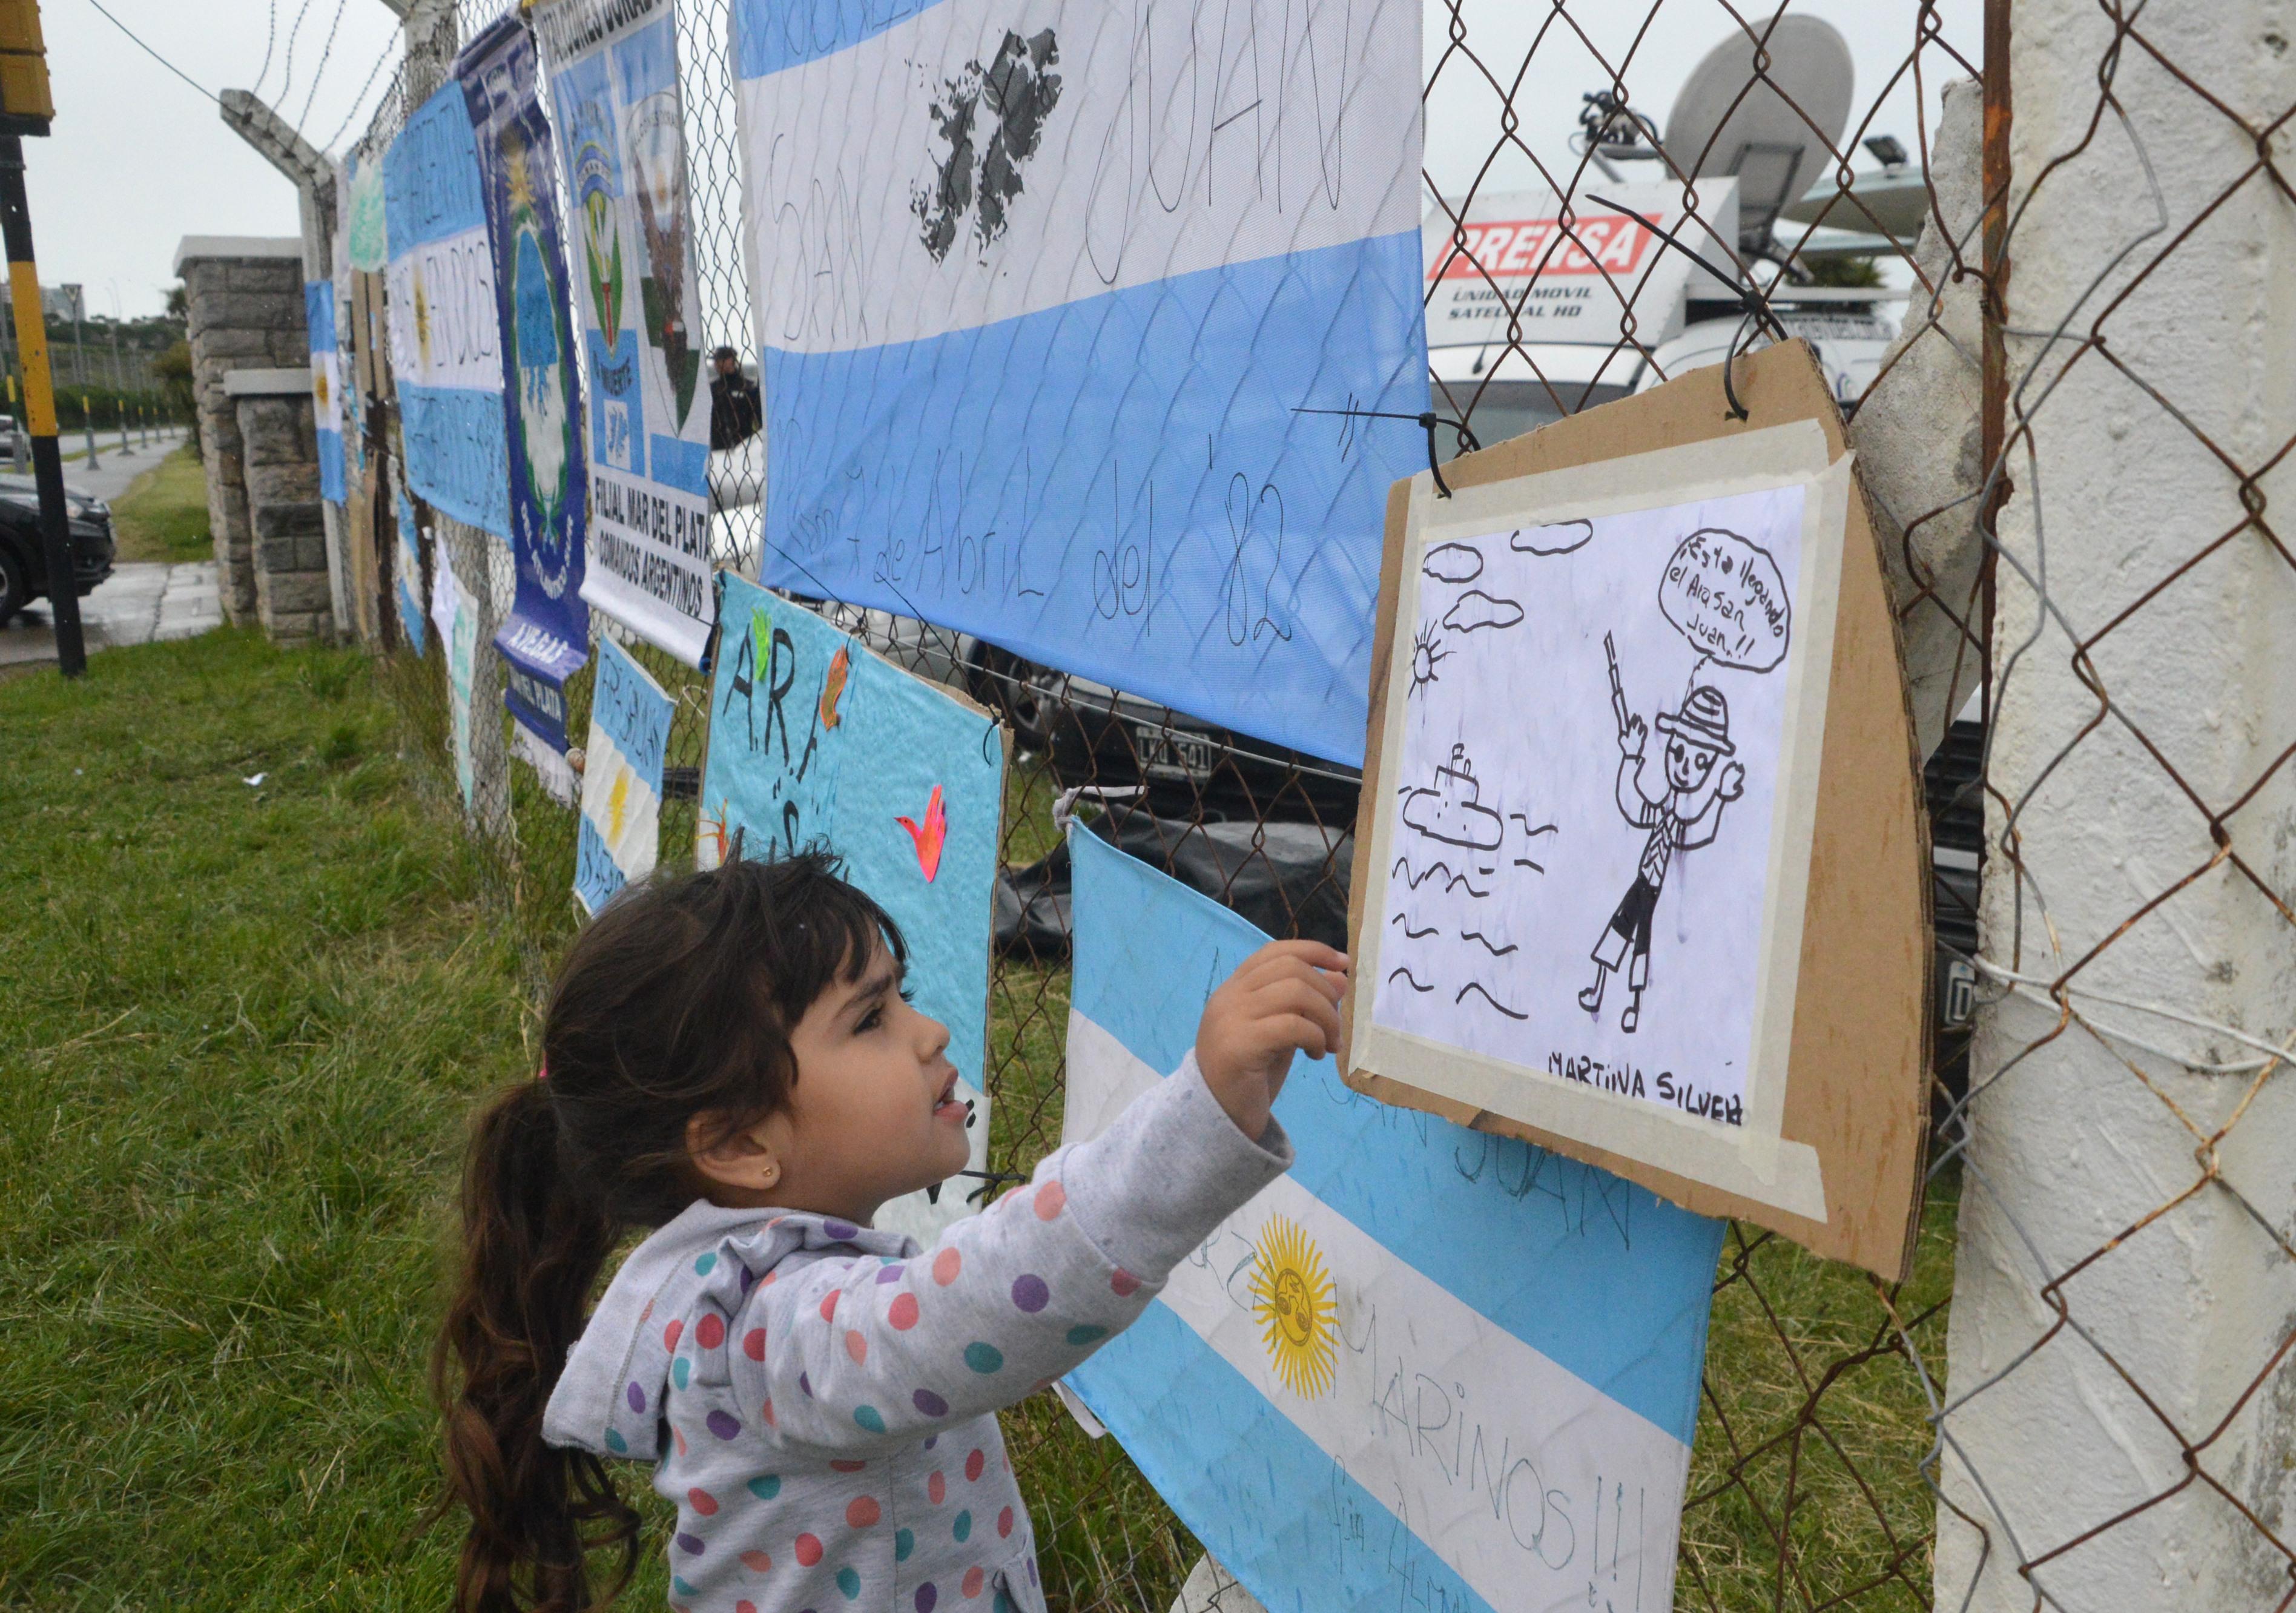 ARA San Juan: Nuevo reclamo y preocupación por la demora en la búsqueda